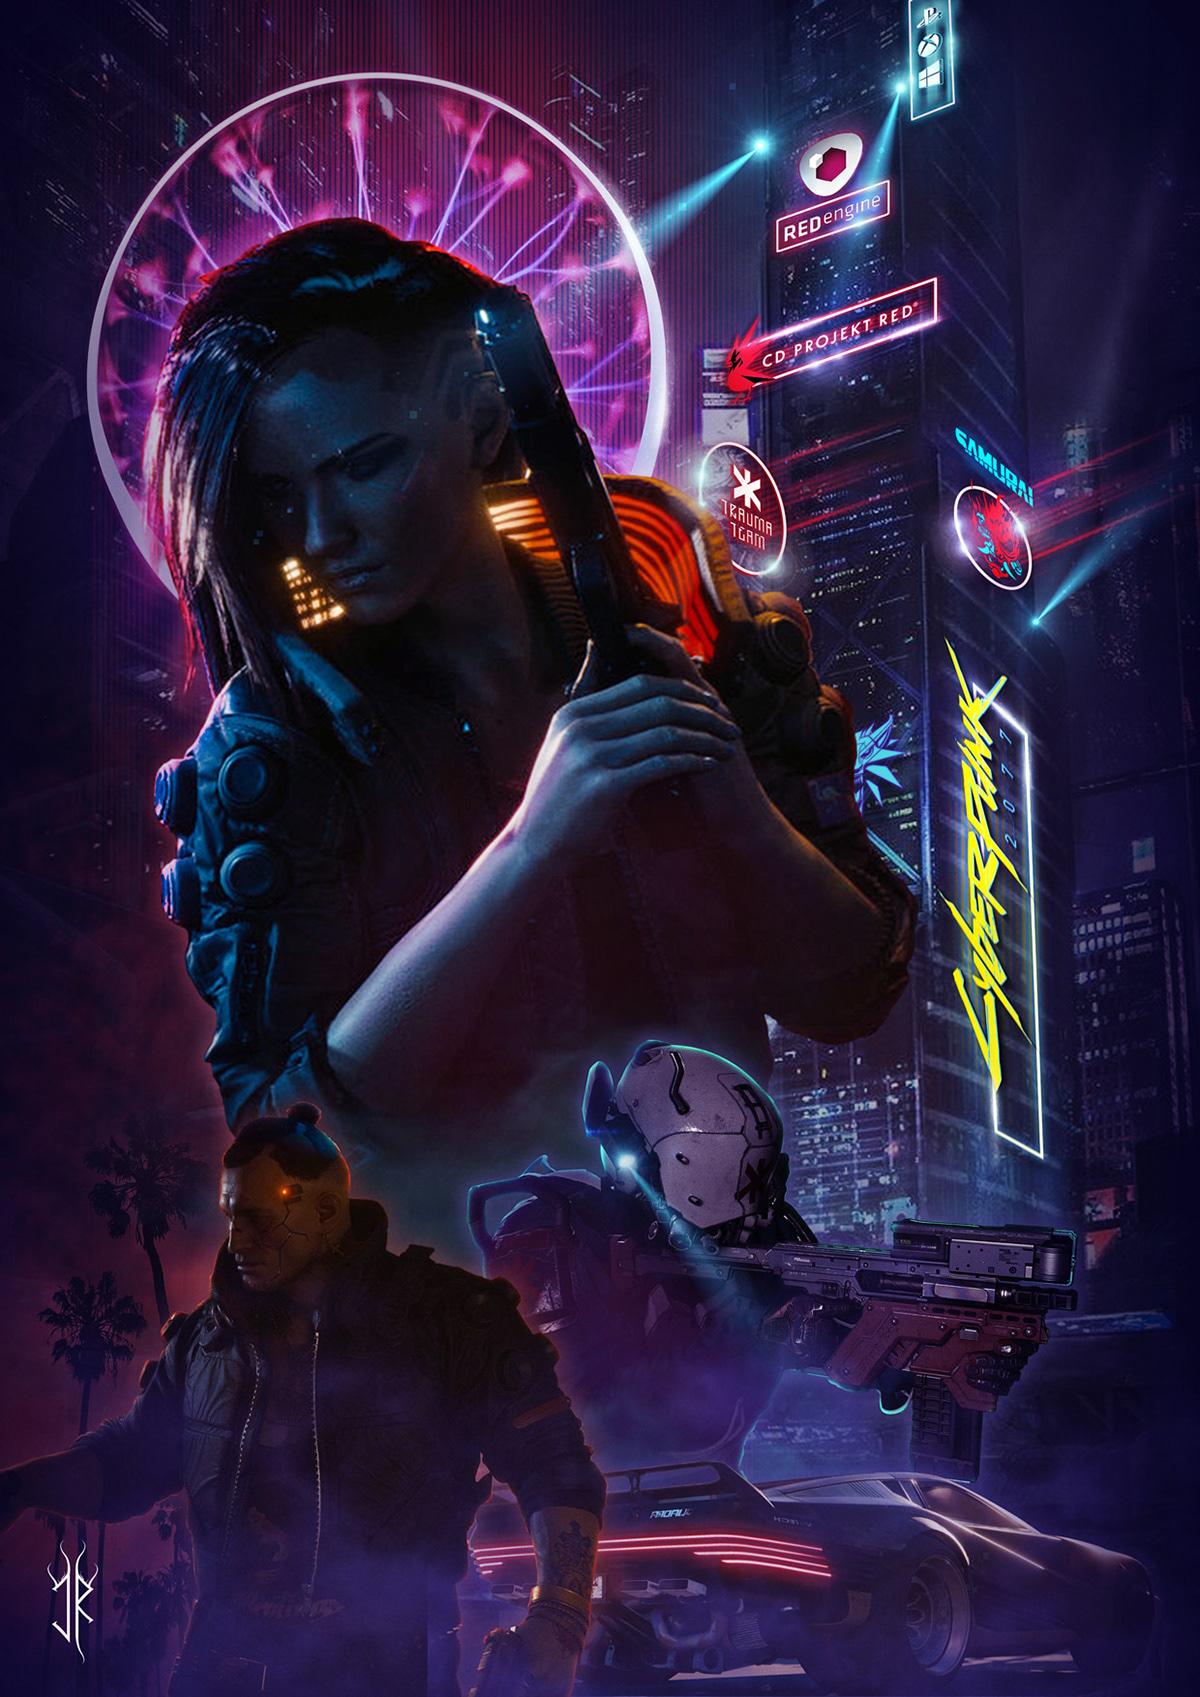 Cyberpunk 2077 - poster on Behance